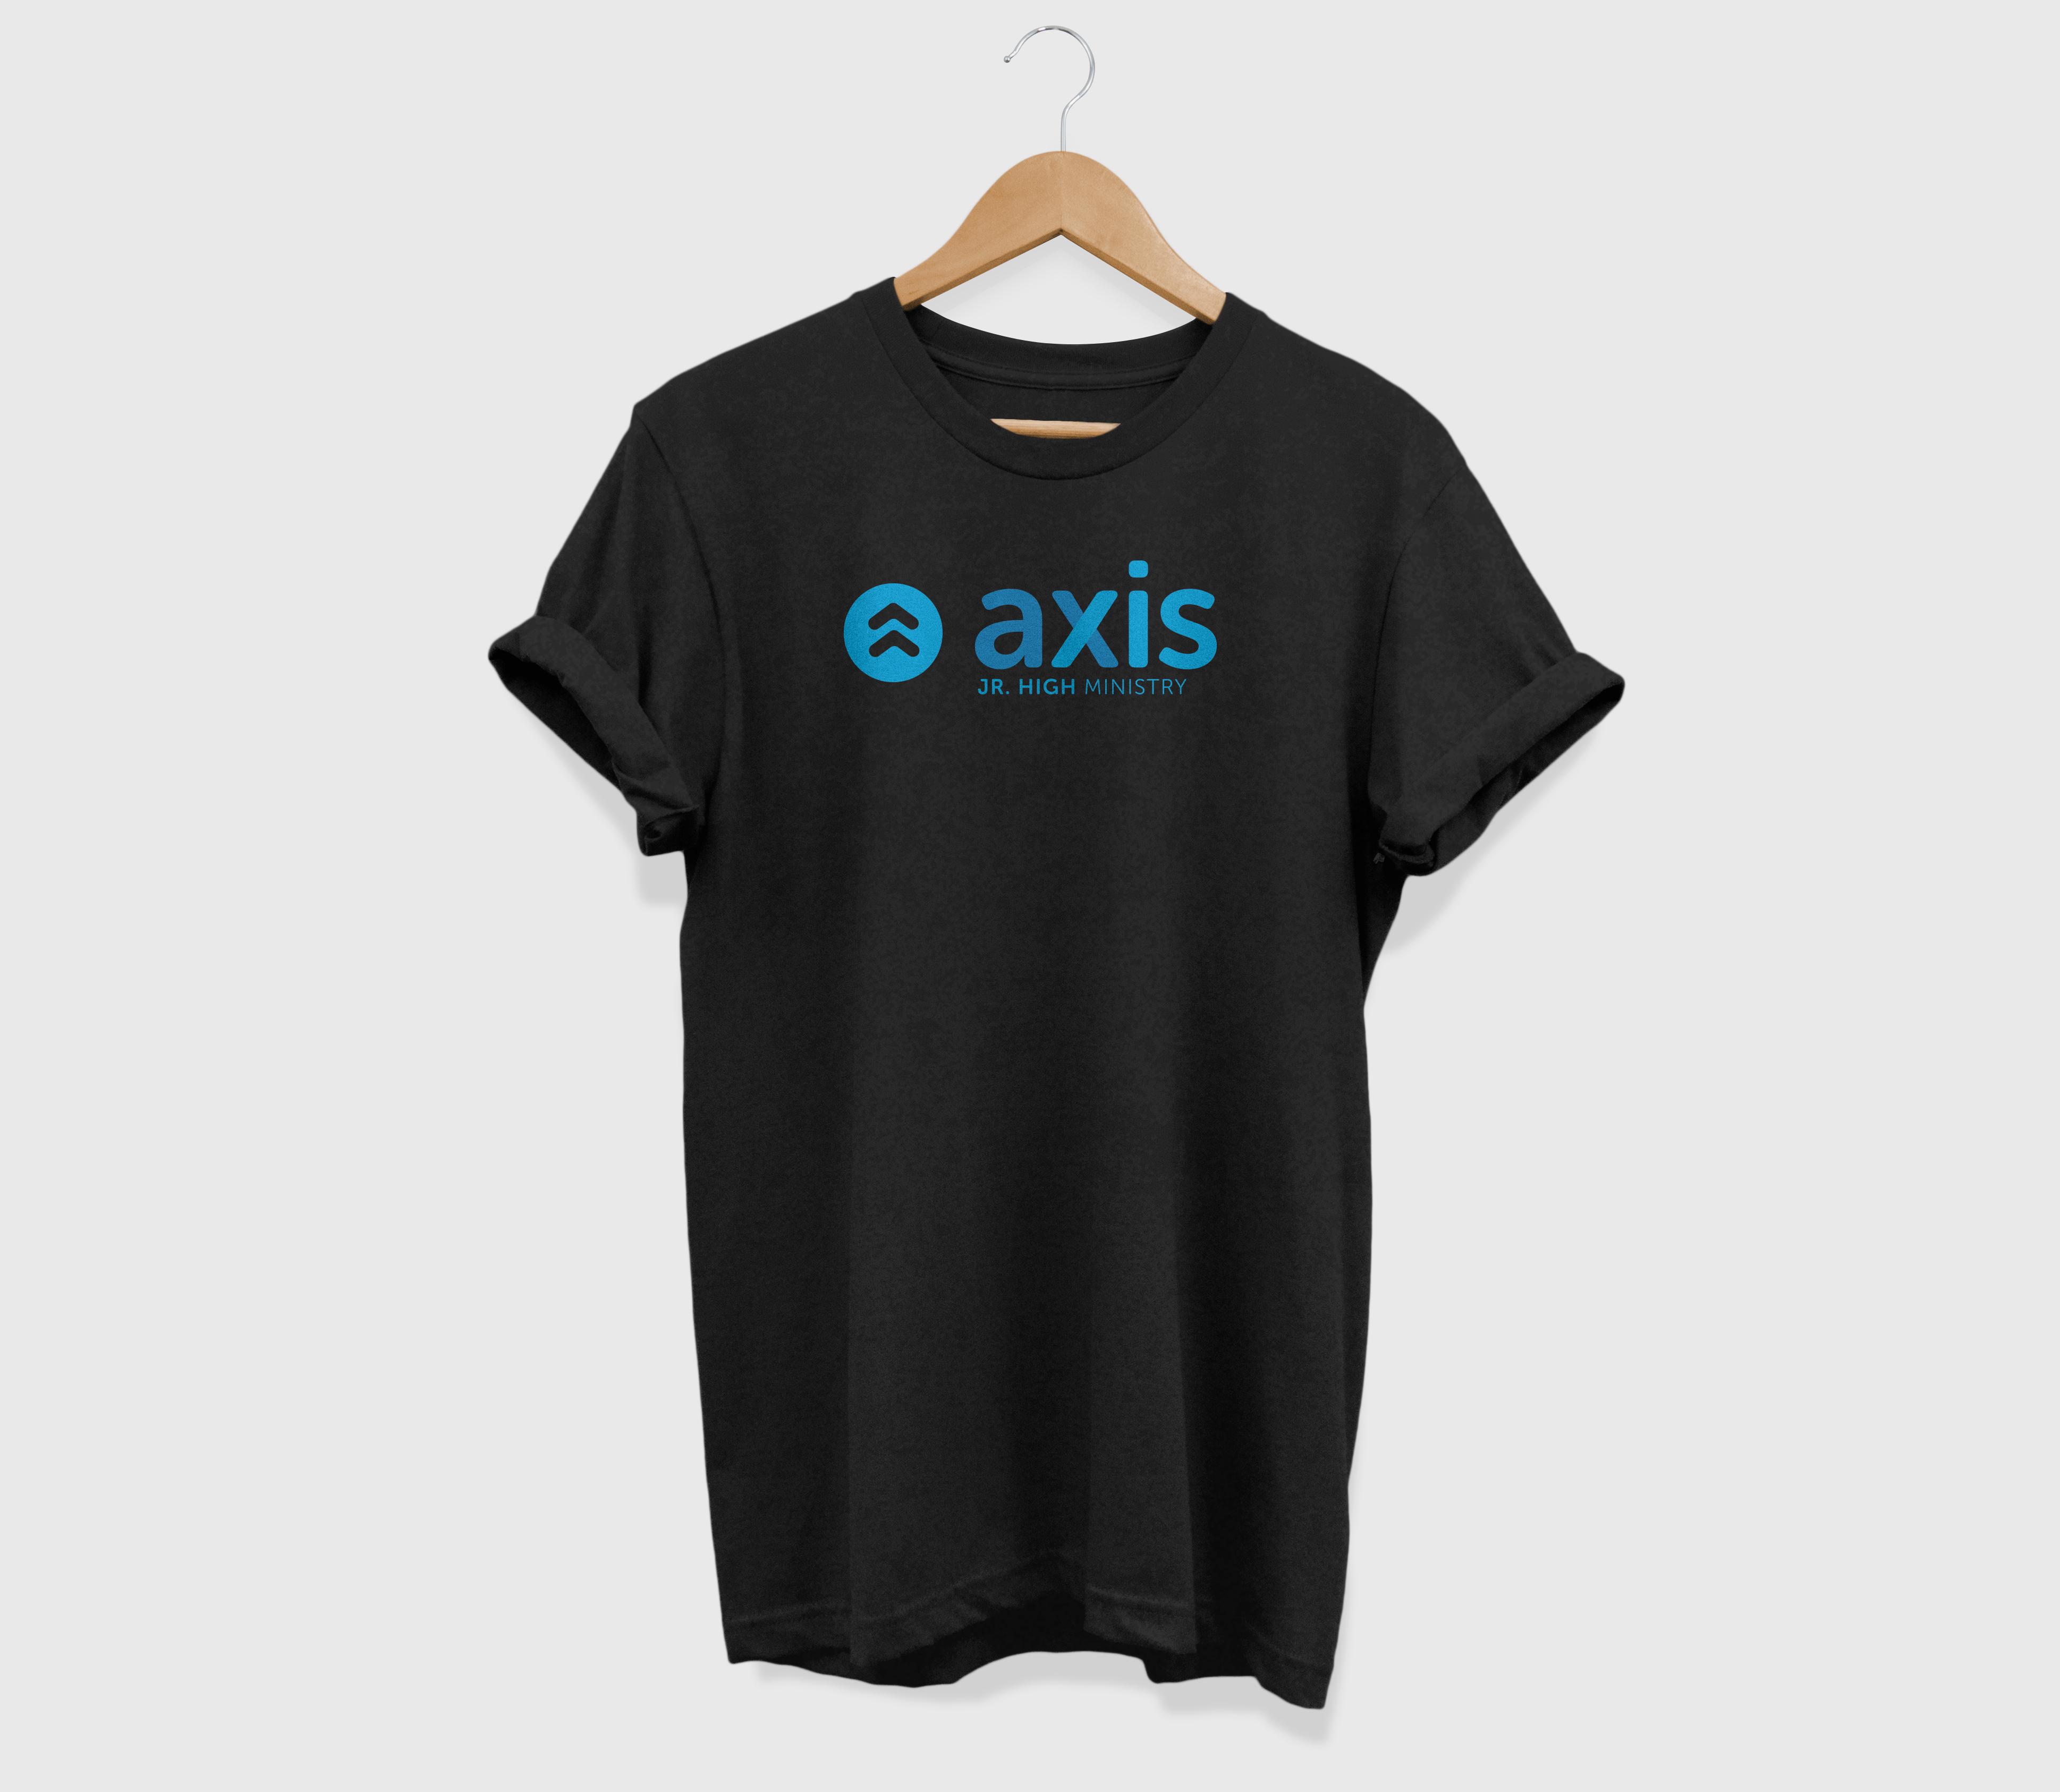 Axis tshirt